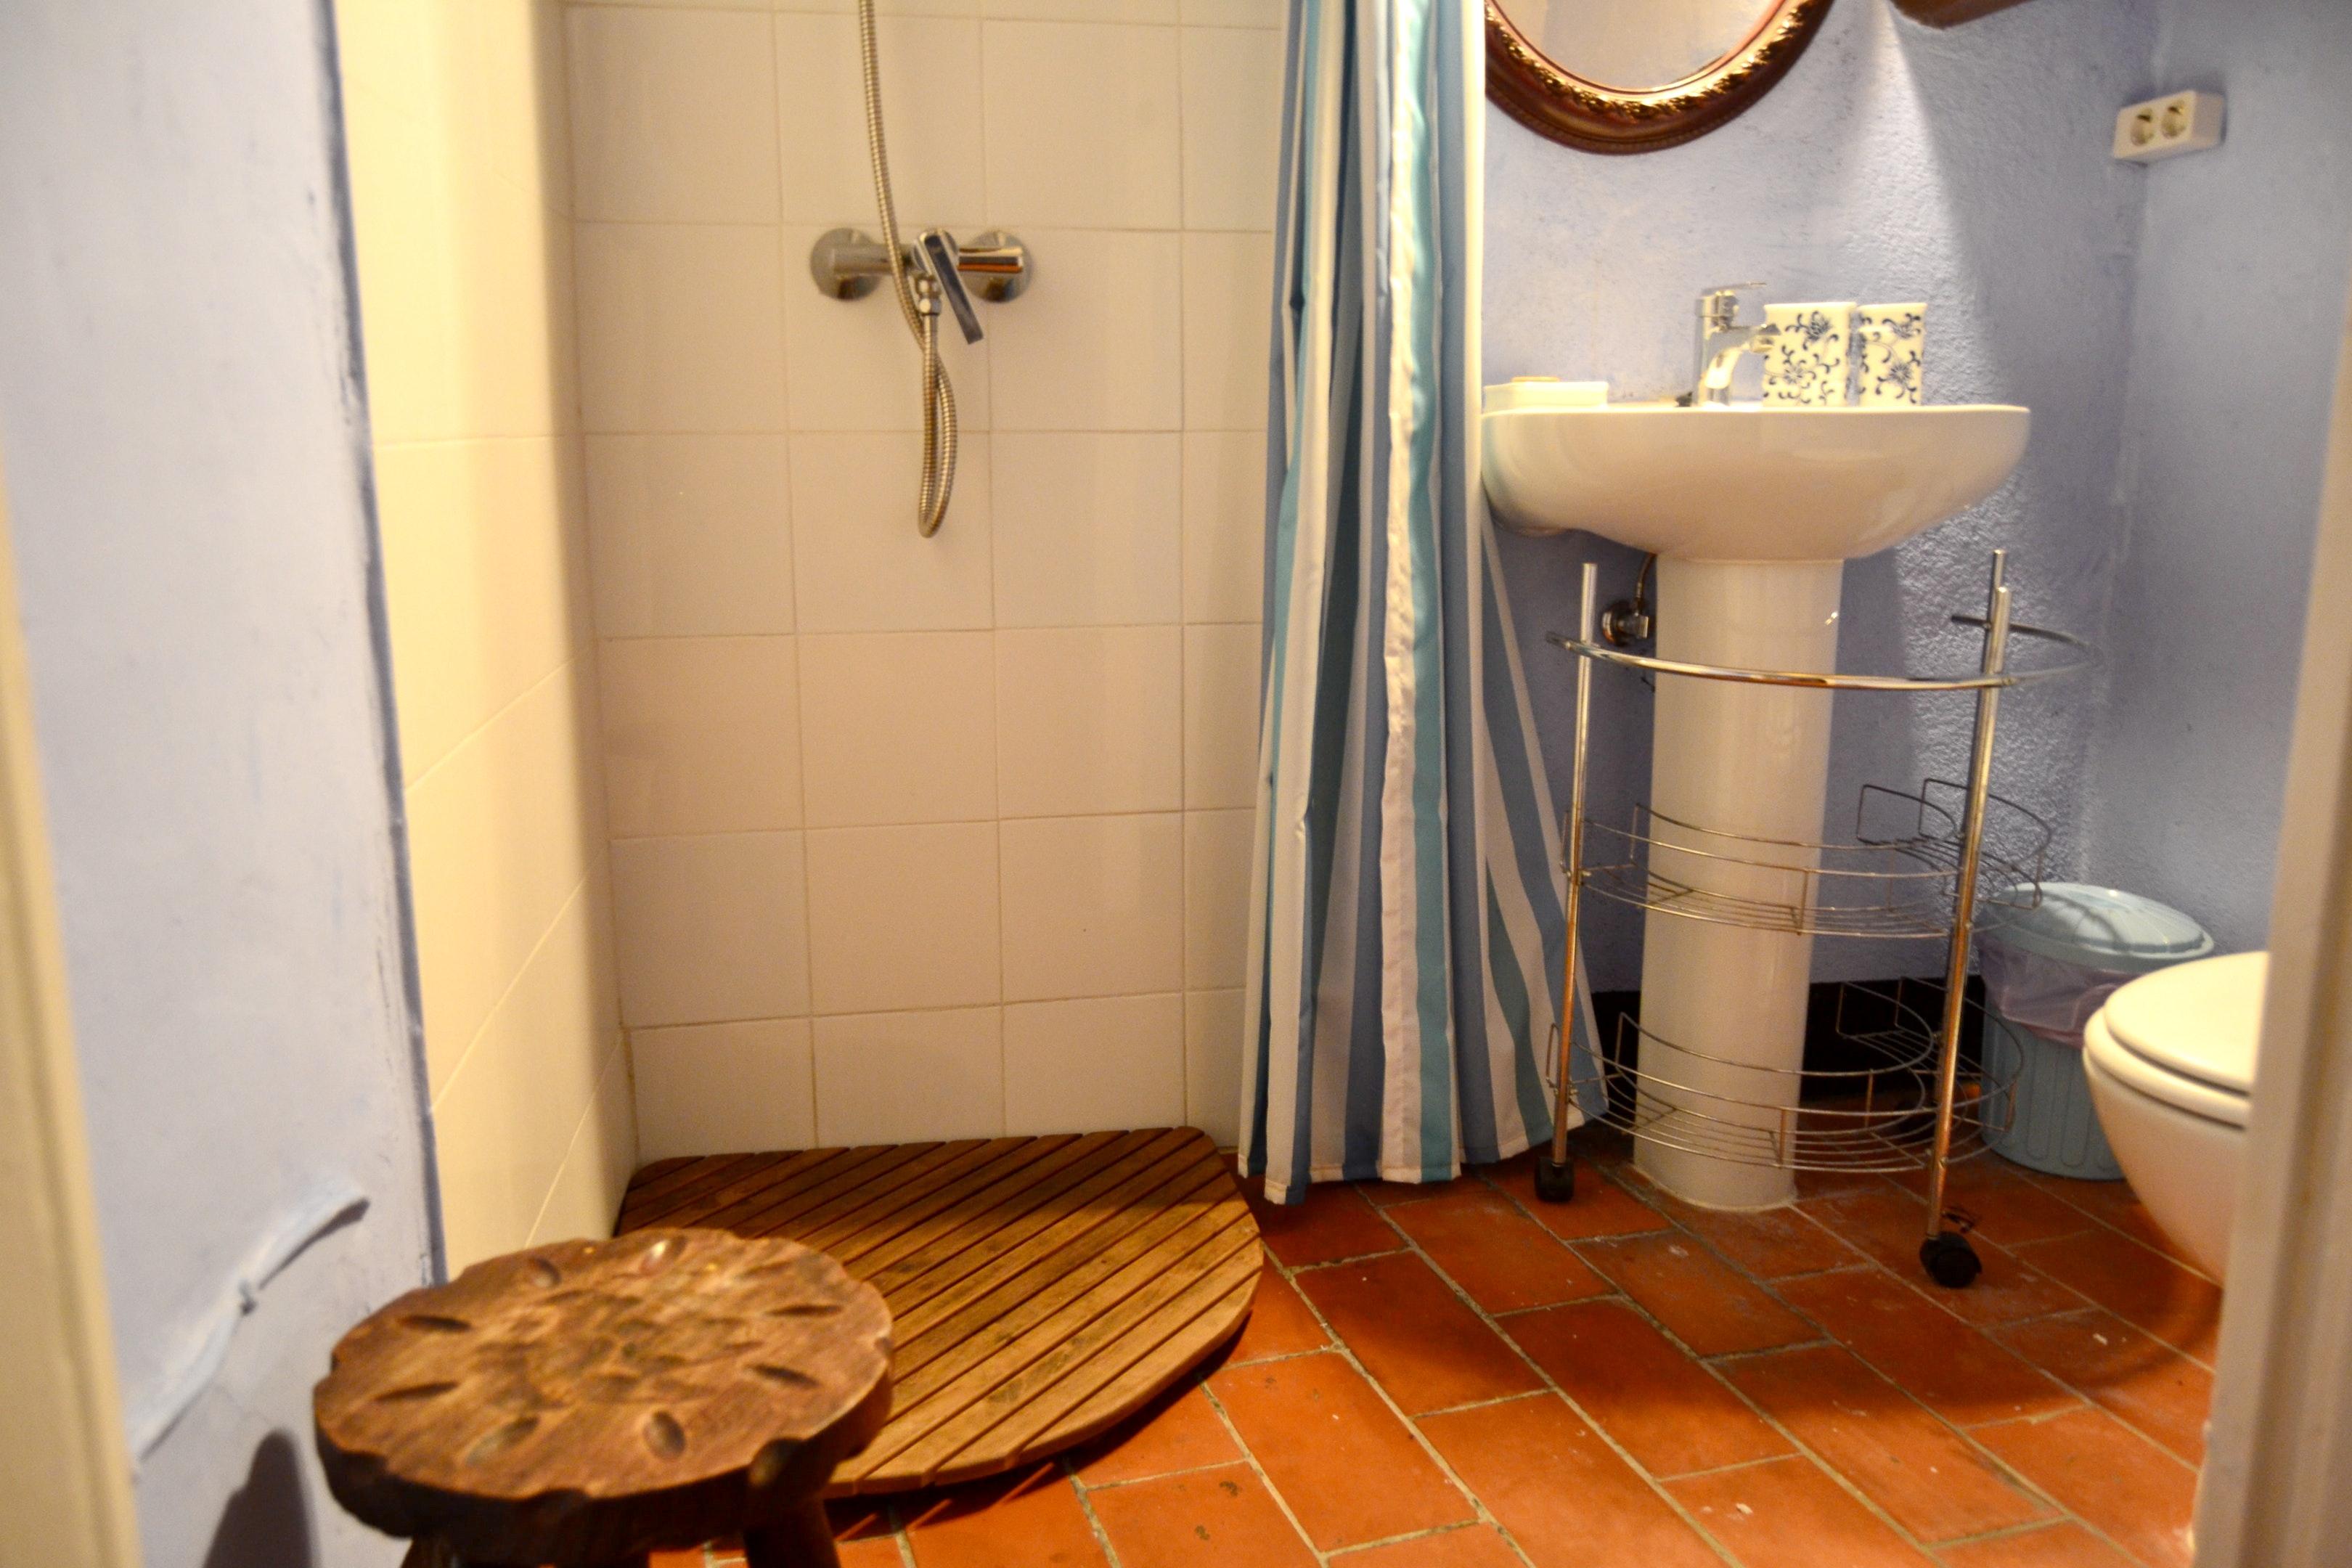 Ferienhaus Haus mit 4 Schlafzimmern in Sant Pere Sacarrera mit toller Aussicht auf die Berge, möblier (2217248), Sant Pere Sacarrera, Barcelona, Katalonien, Spanien, Bild 28